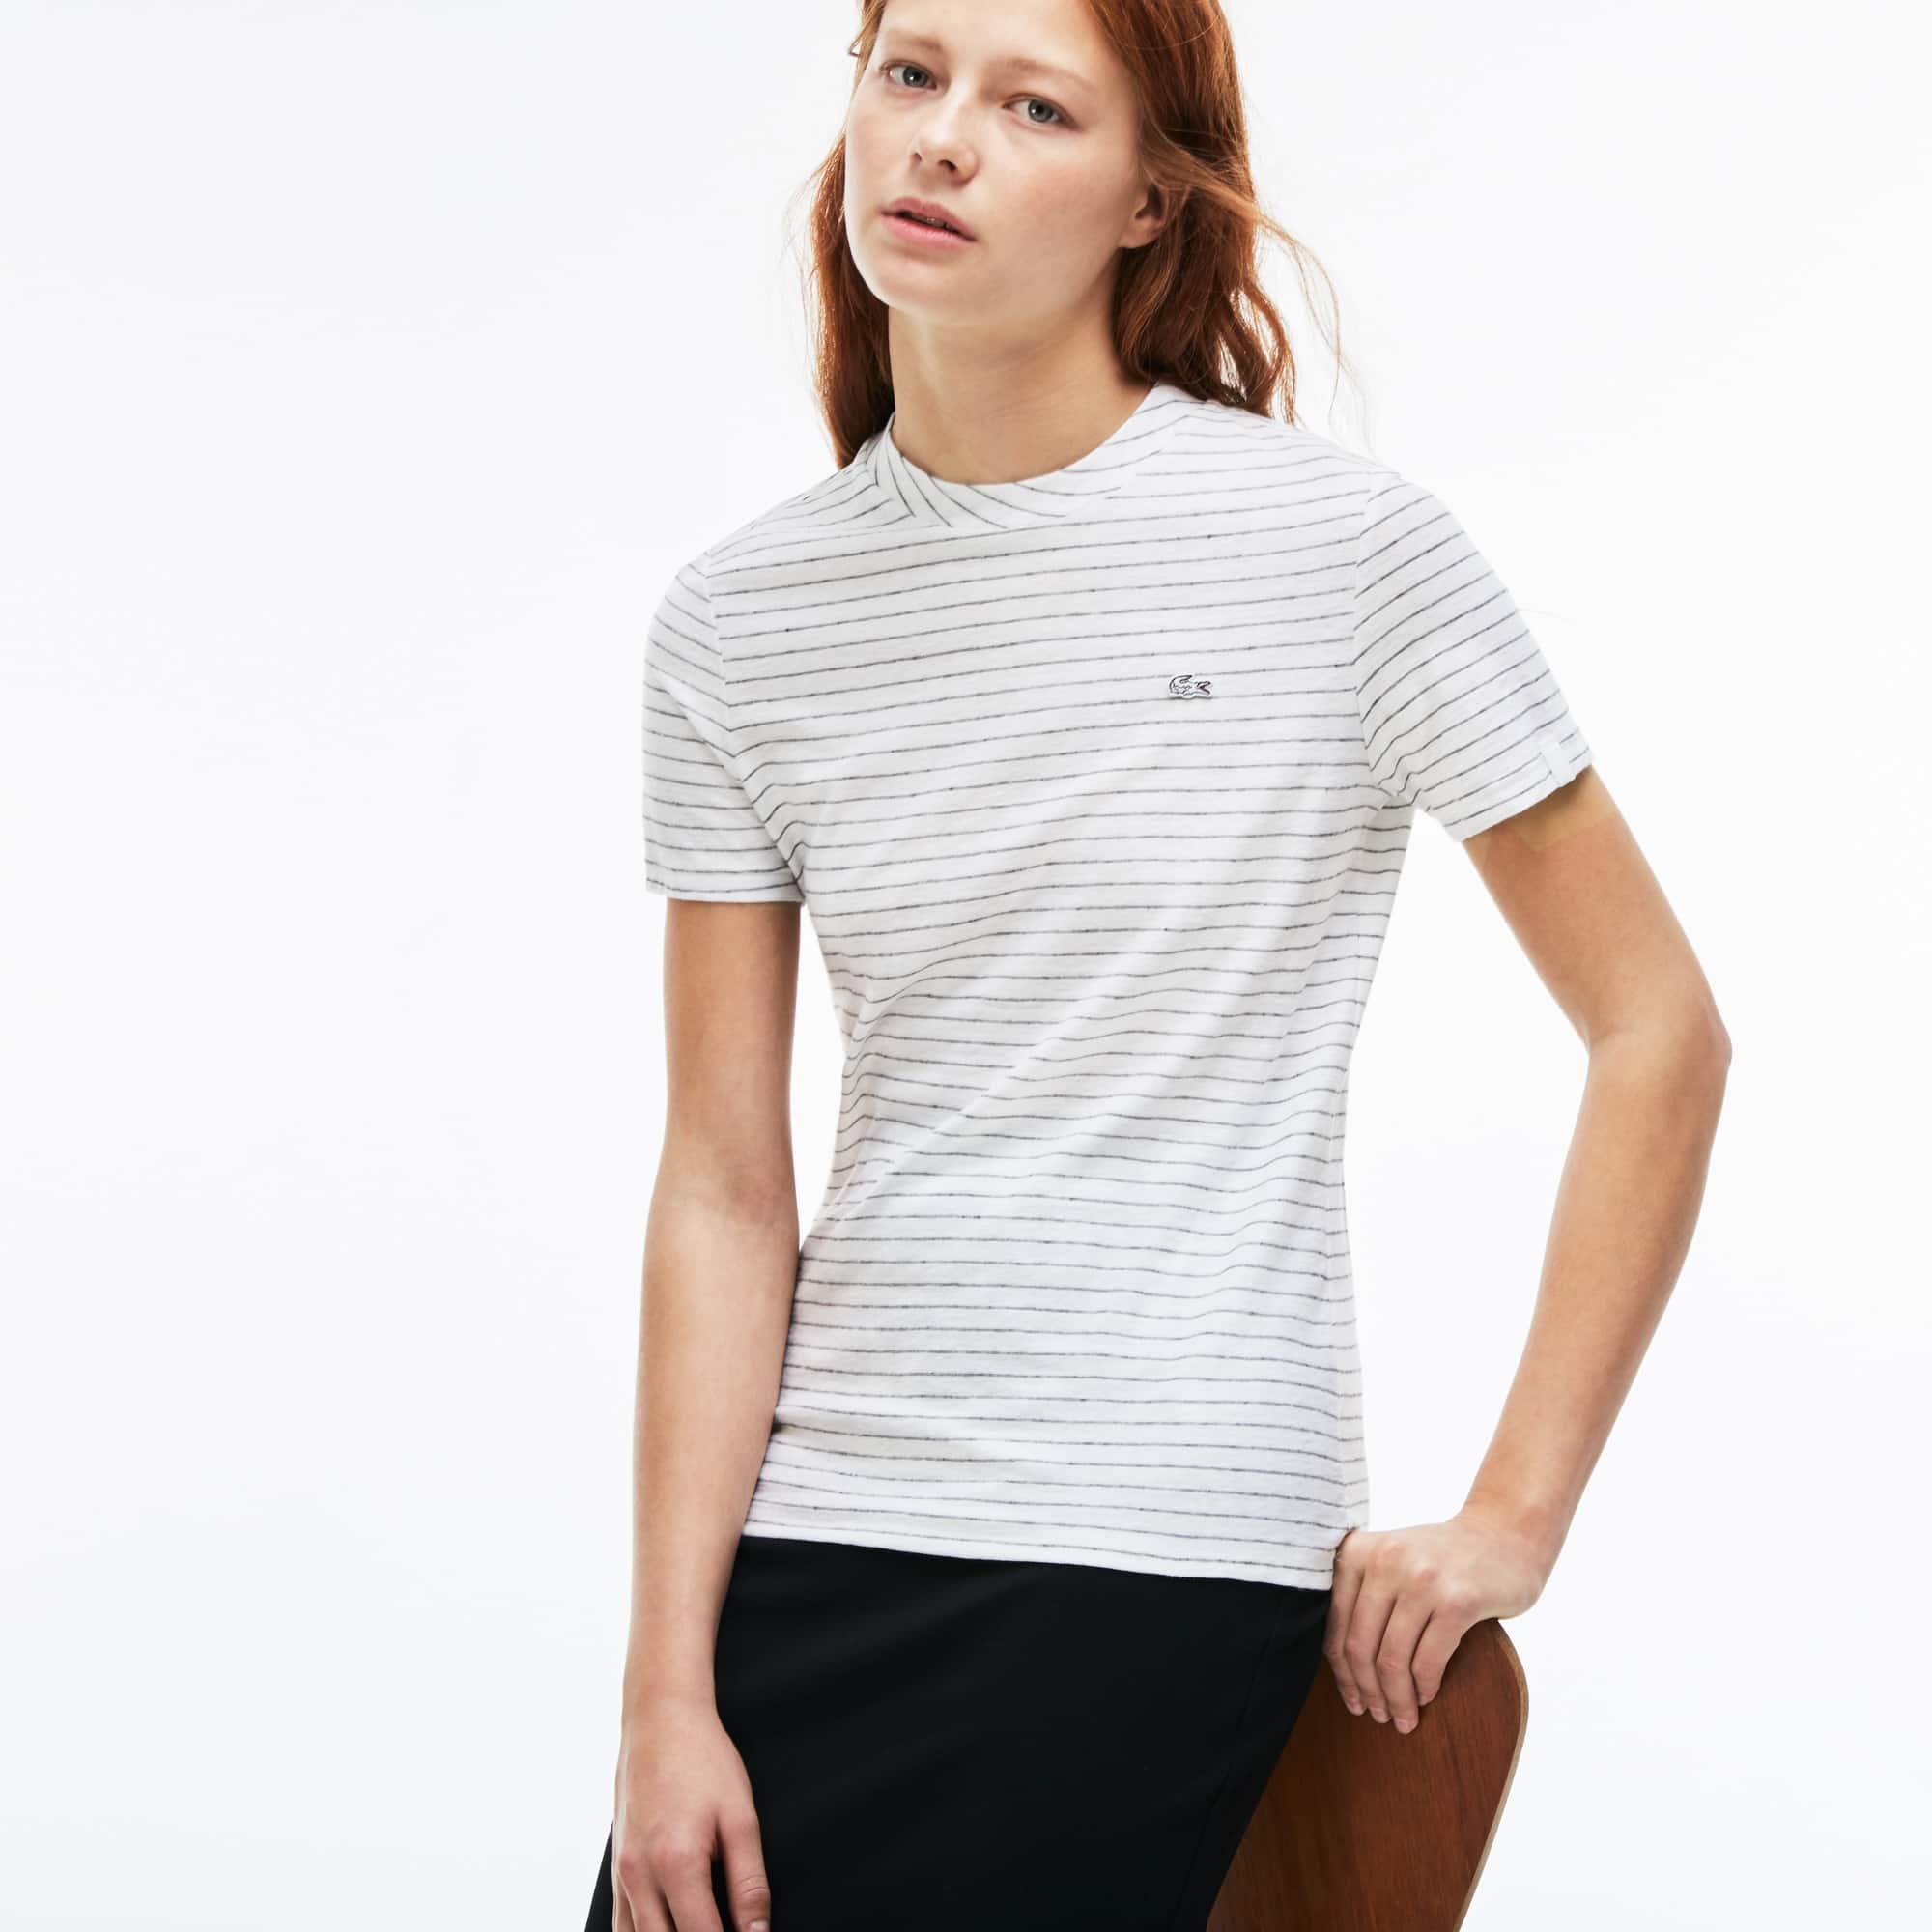 Camiseta de cuello redondo Lacoste LIVE de punto jersey de algodón y lino de rayas